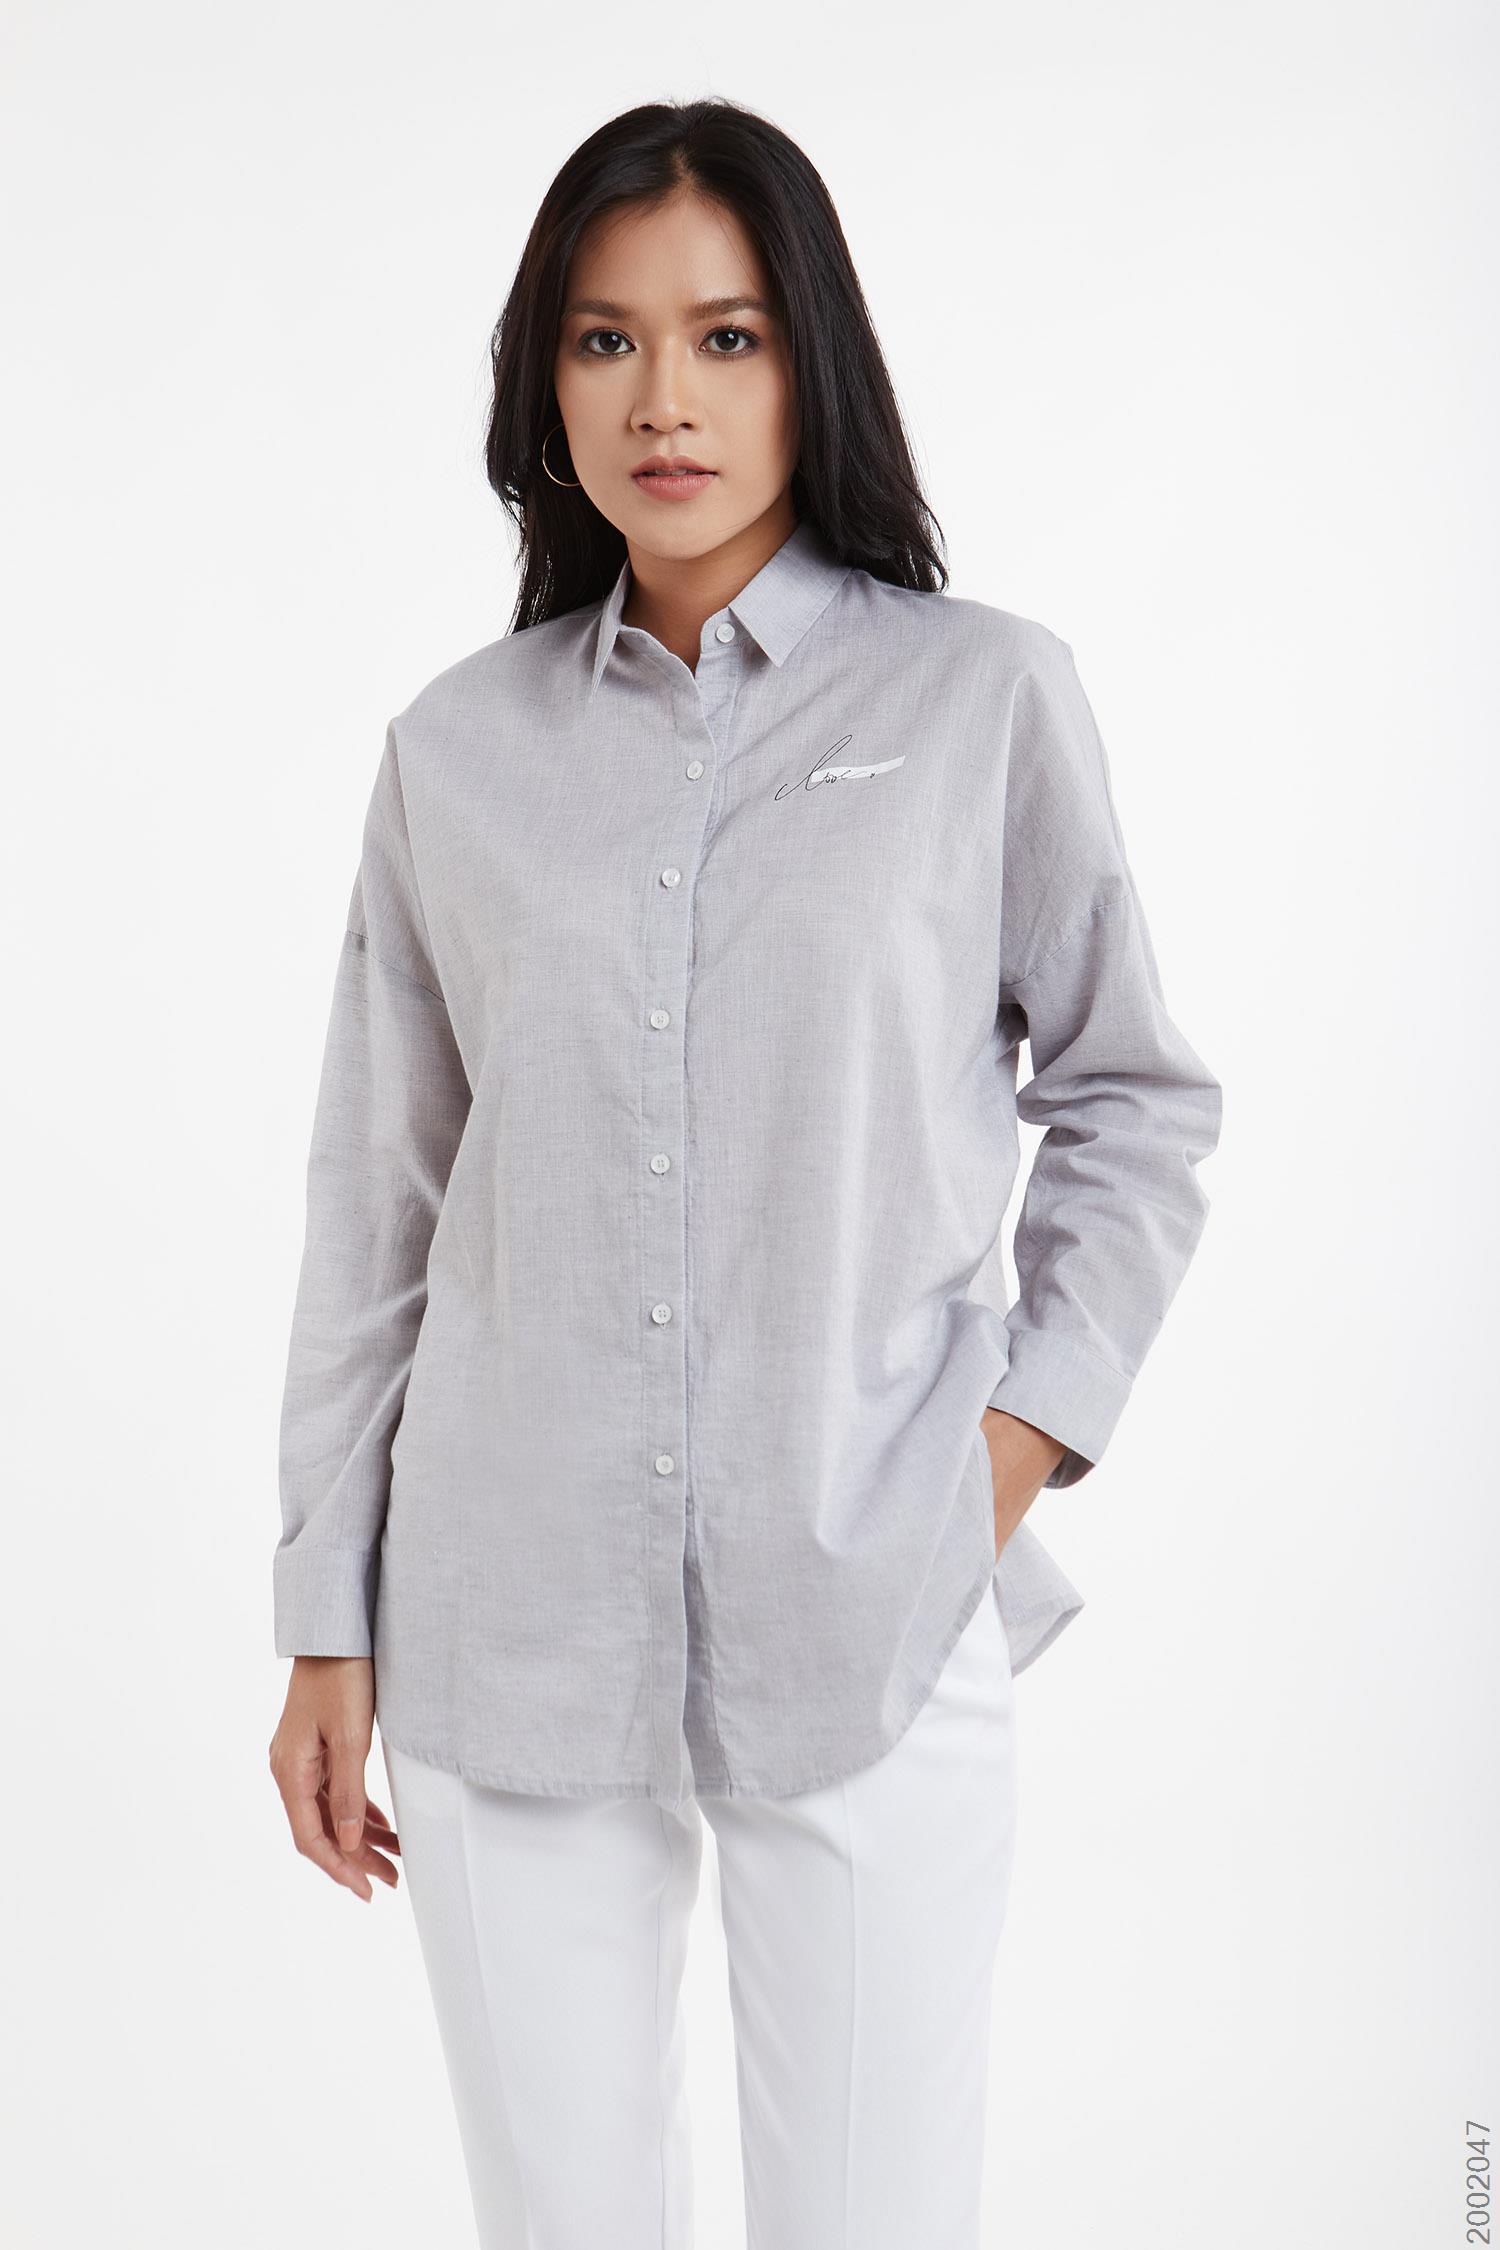 áo sơmi nữ tay dài - 2002047